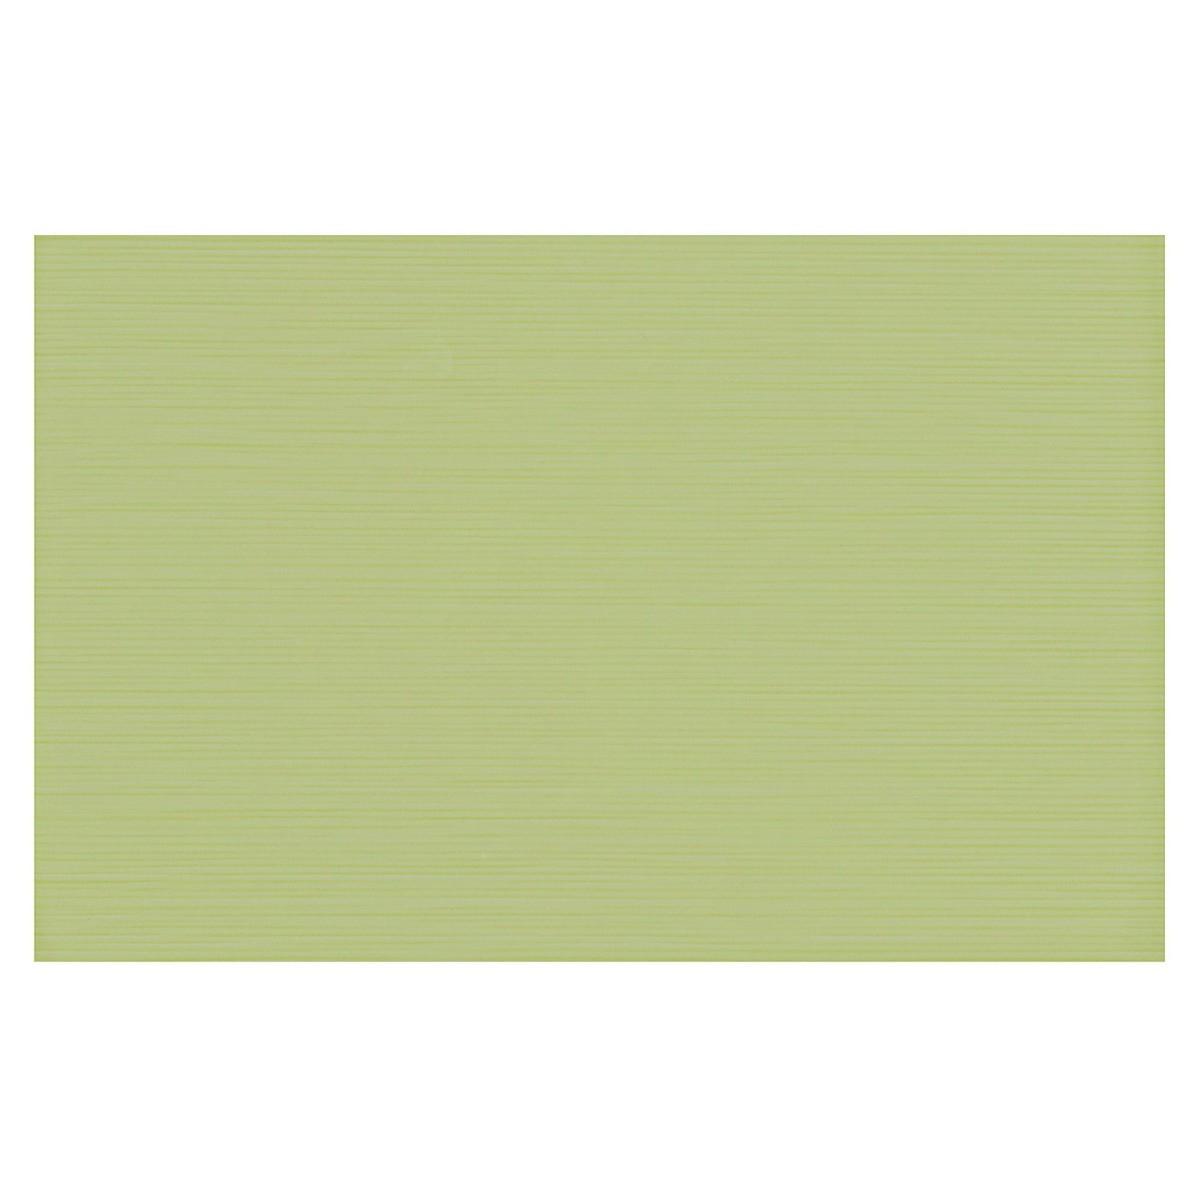 Плитка настенная Gerbera 20х30 см 1.08 м2 цвет фисташковый